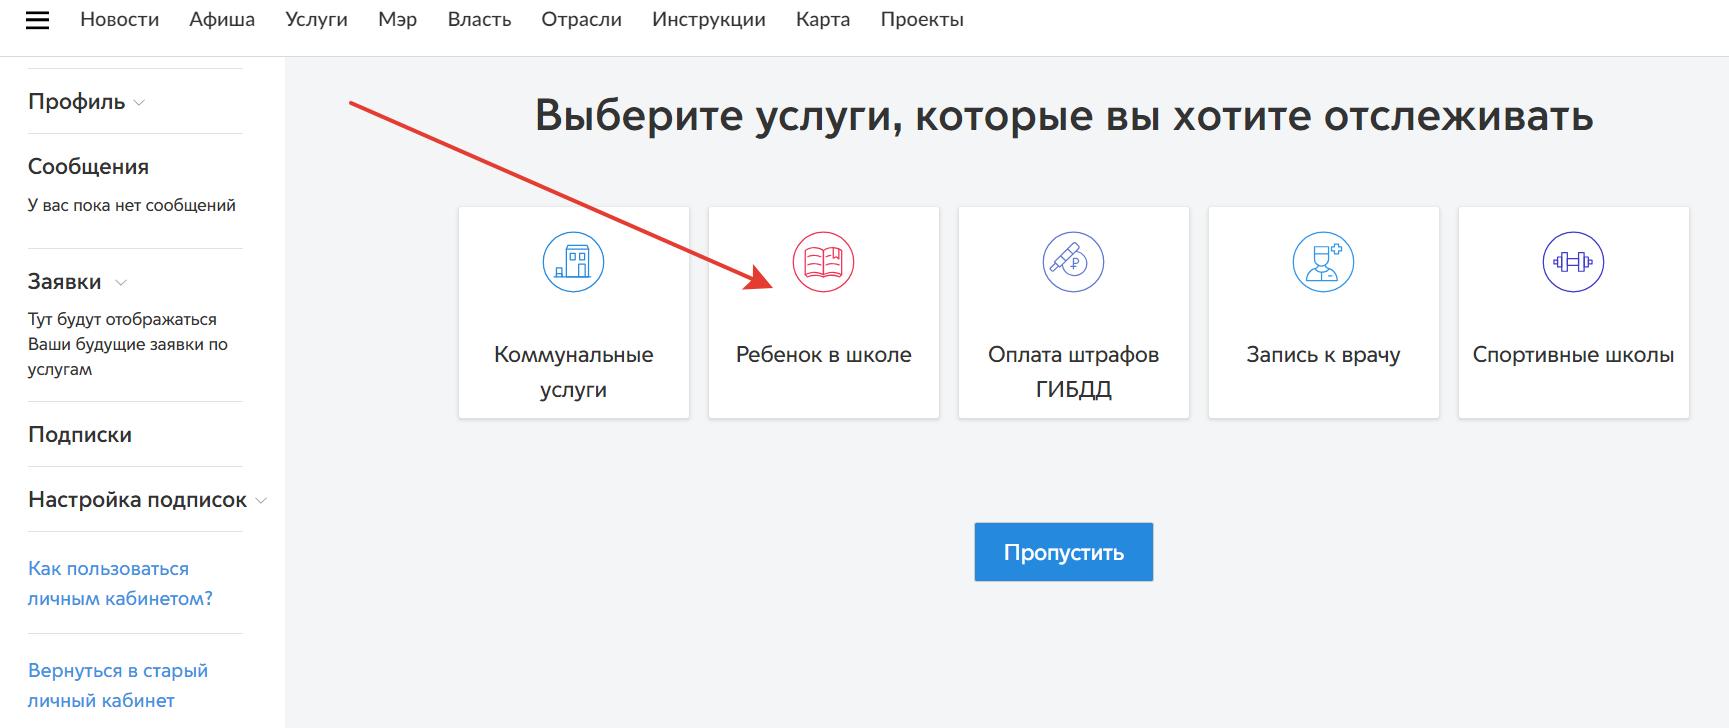 """Обновления в Личном кабинете на mos.ru. Виджет """"Ребенок в школе"""""""